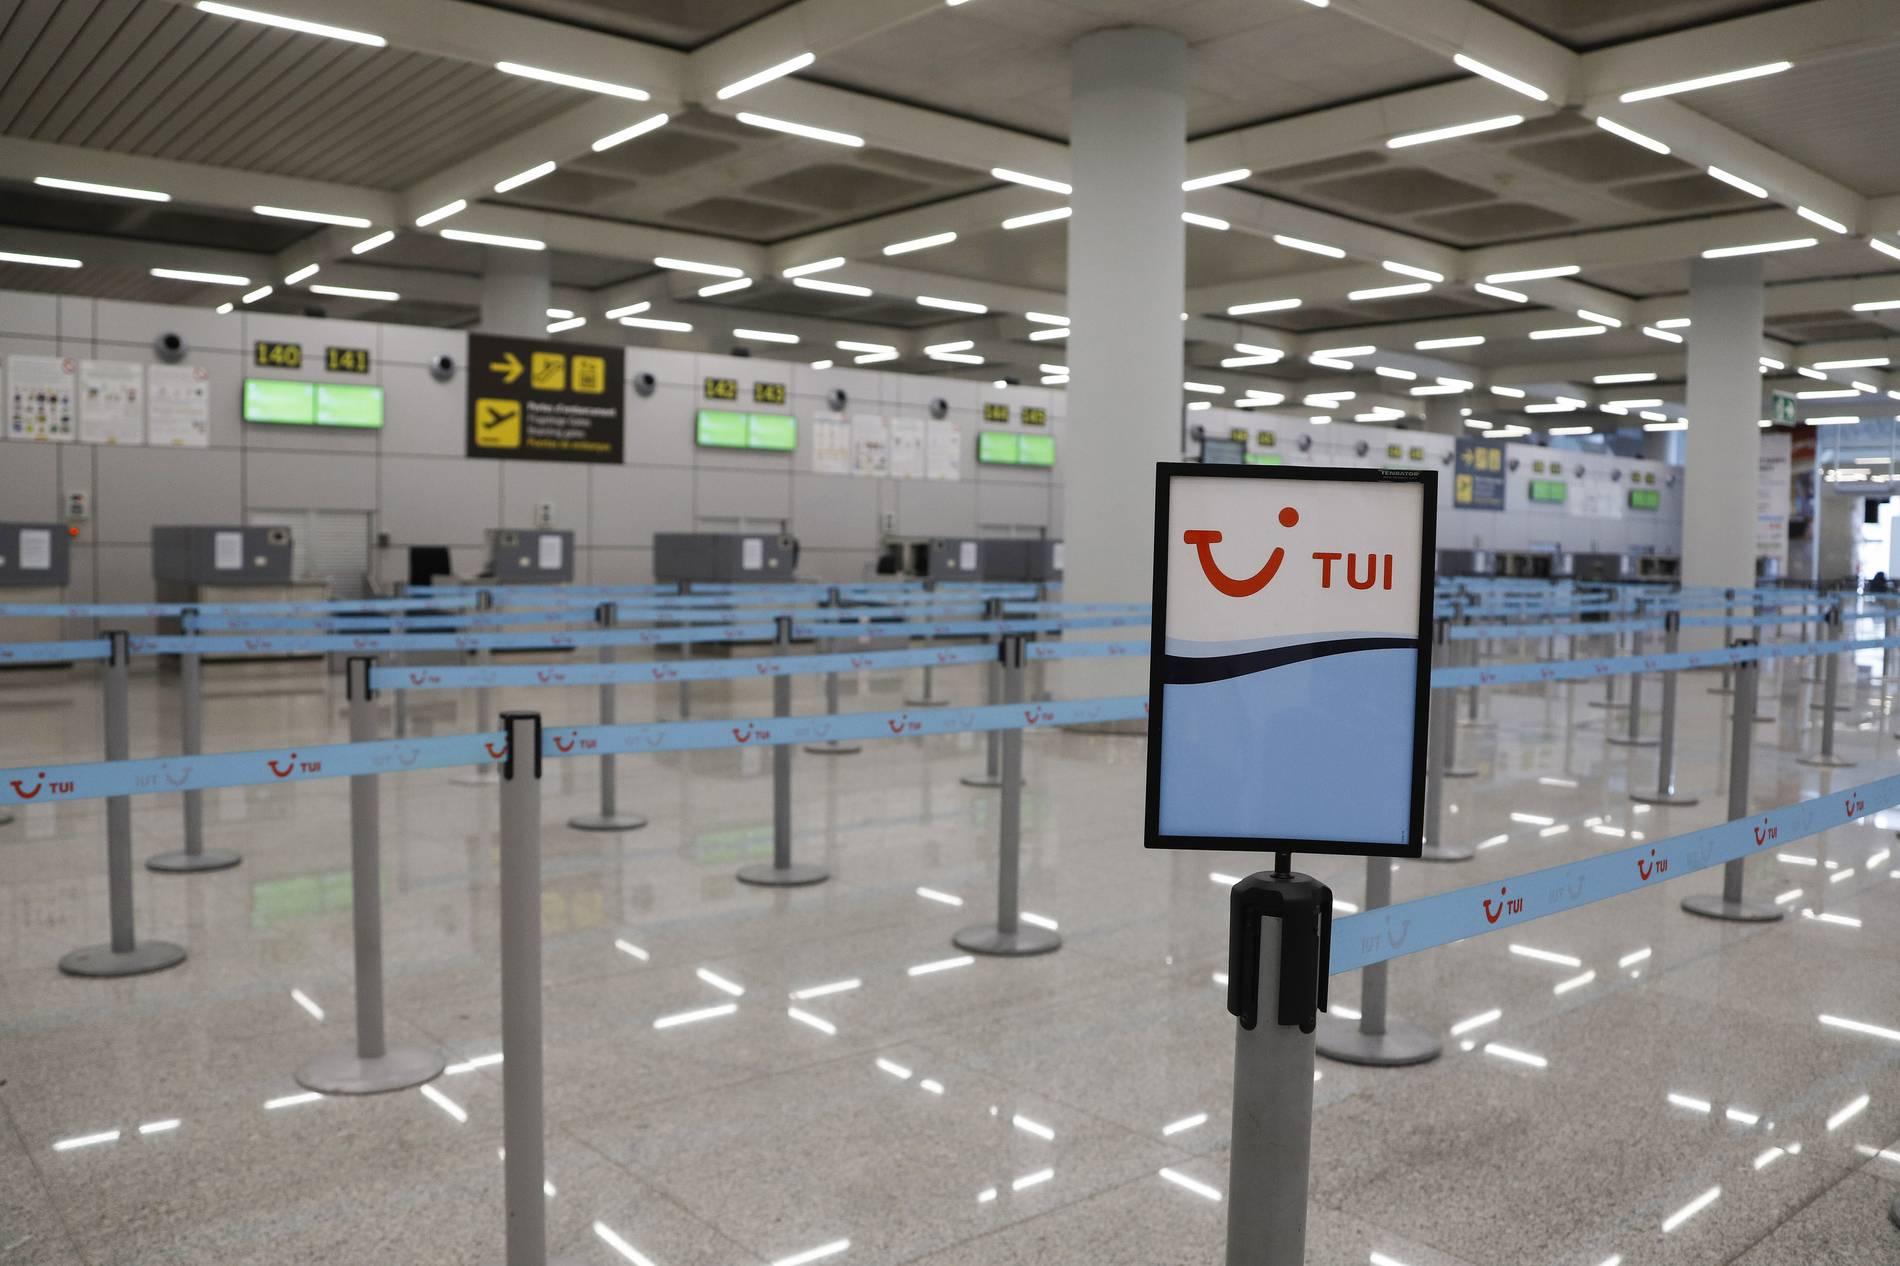 Reise - TUI: Vertrag für Milliardenkredit unterschrieben